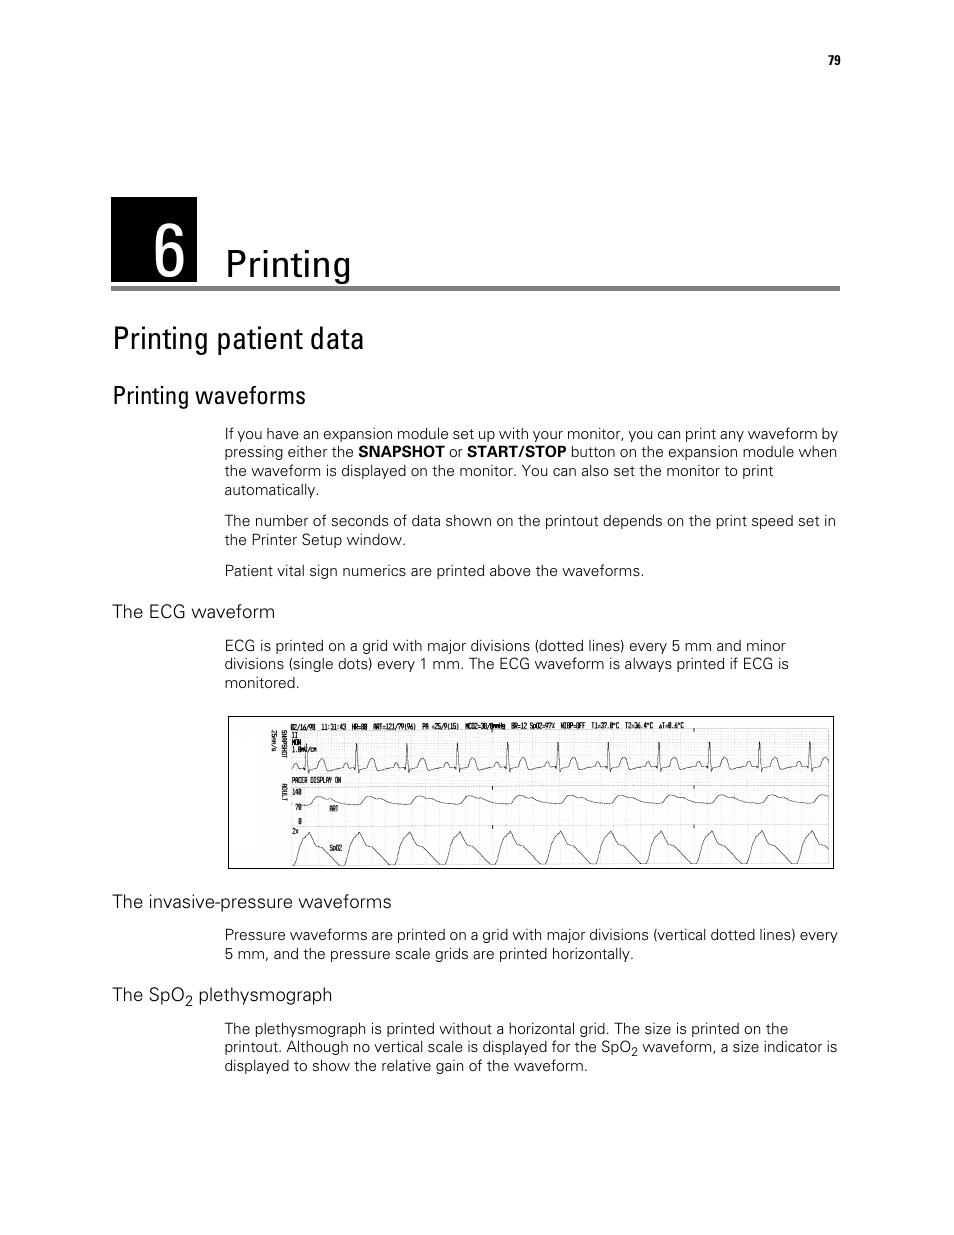 Printing, Printing patient data, 6 - printing | Printing waveforms | Welch  Allyn Vital